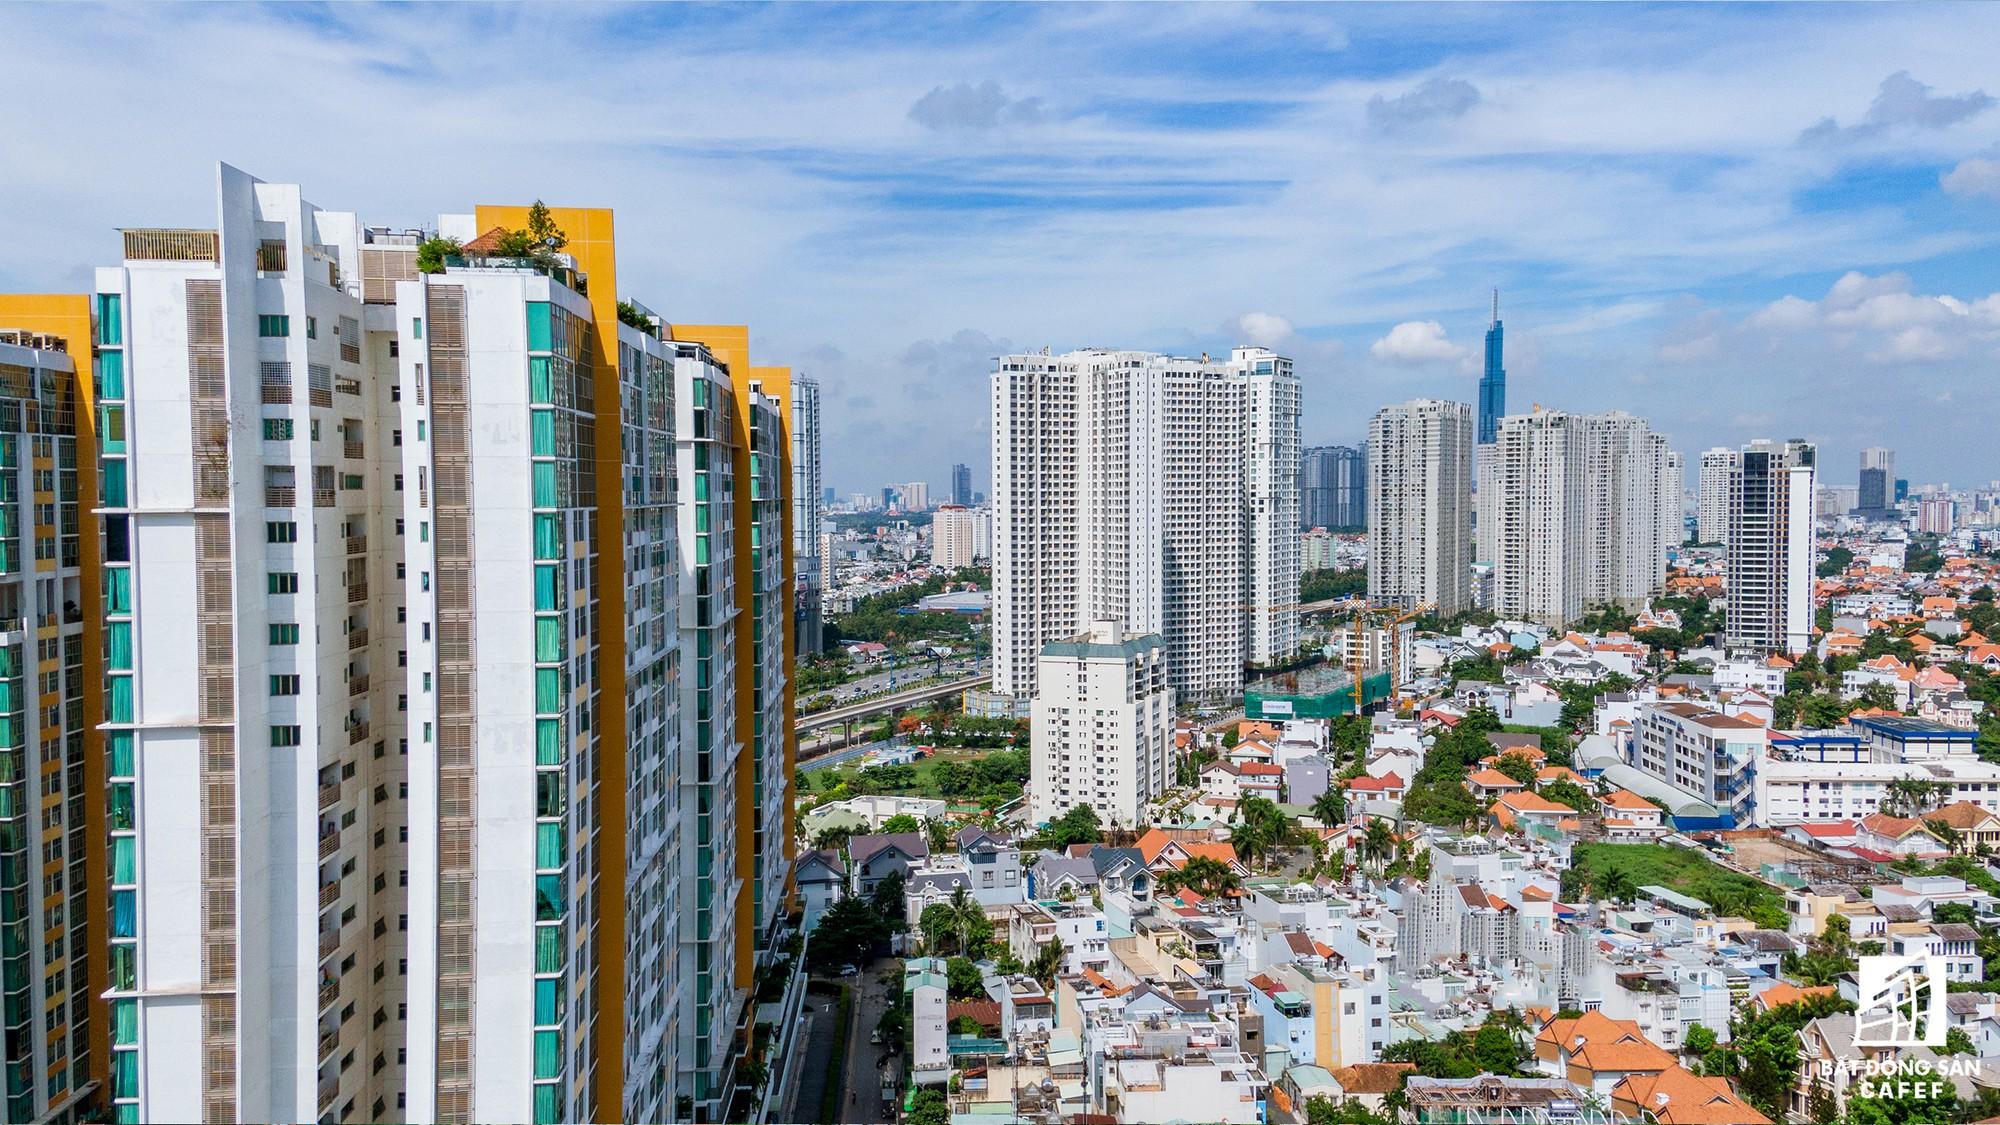 Nhà giàu cũng khóc trong những khu biệt thự sang chảnh bậc nhất Sài Gòn-20